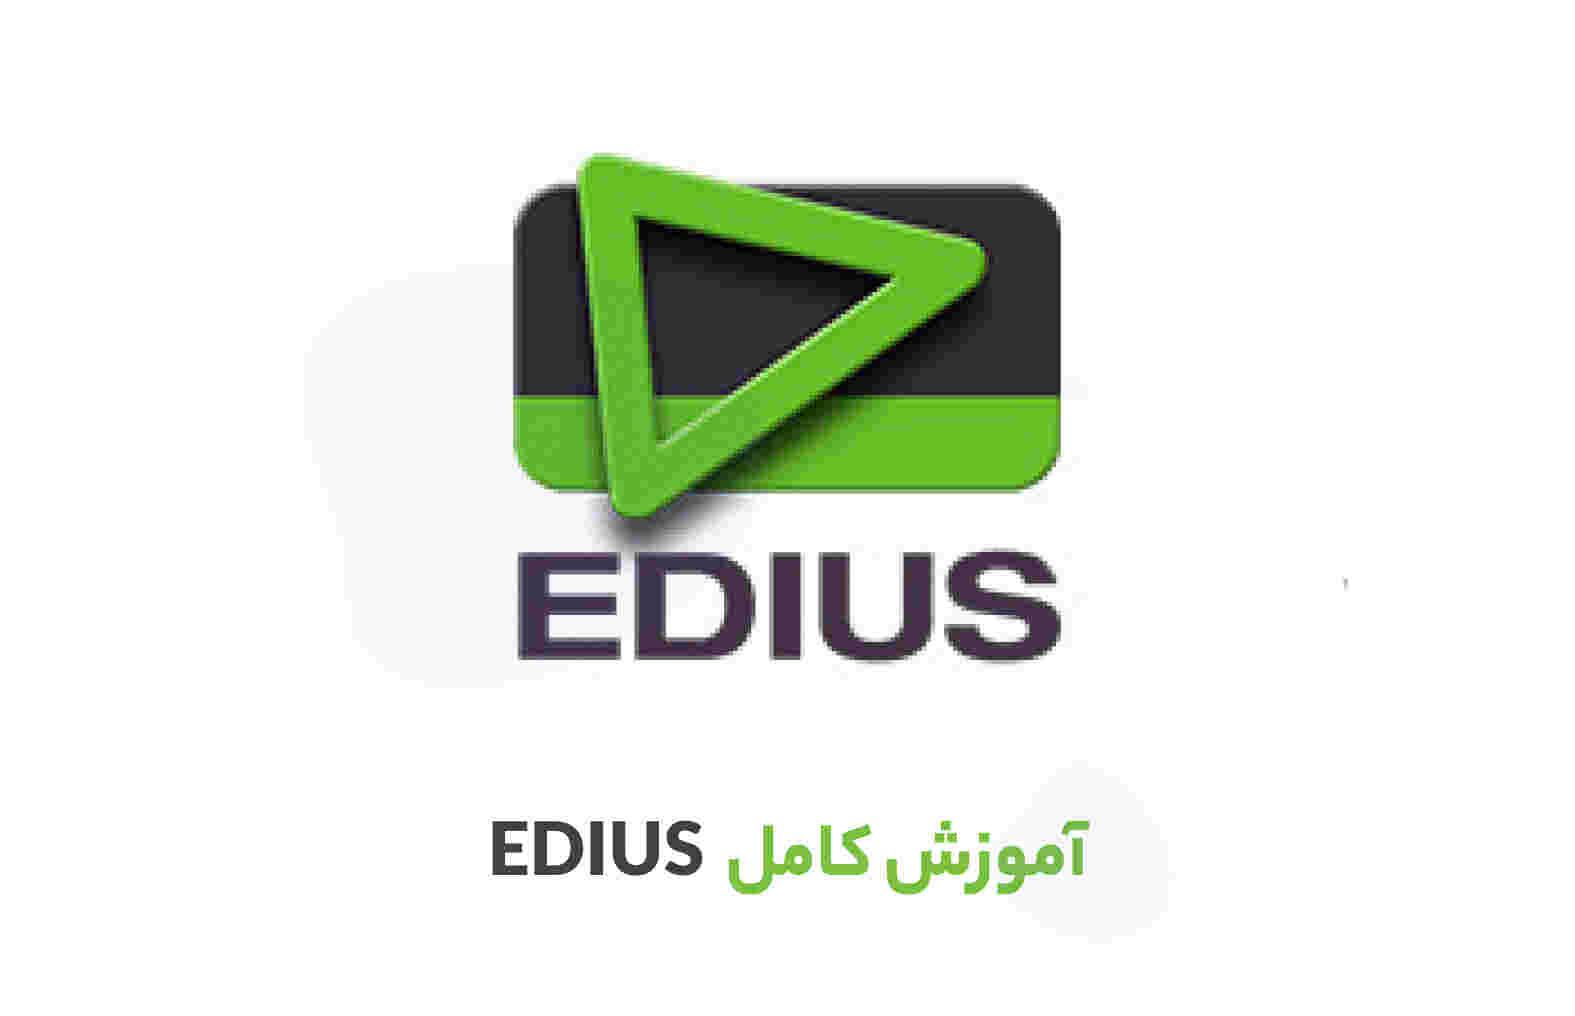 آموزش کامل نرم افزار ادیوس (EDIUS)